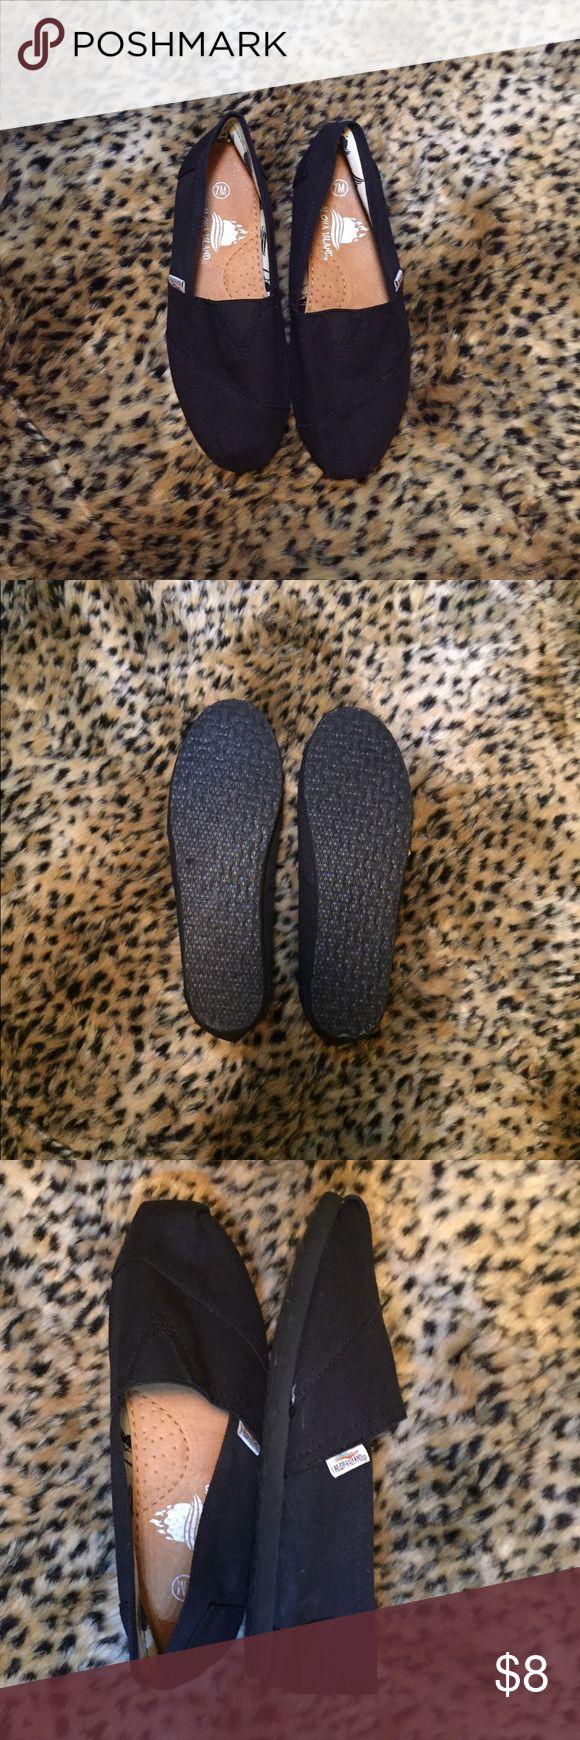 Black Canvas Shoes Black canvas shoes.  Size 7.  Worn once Shoes